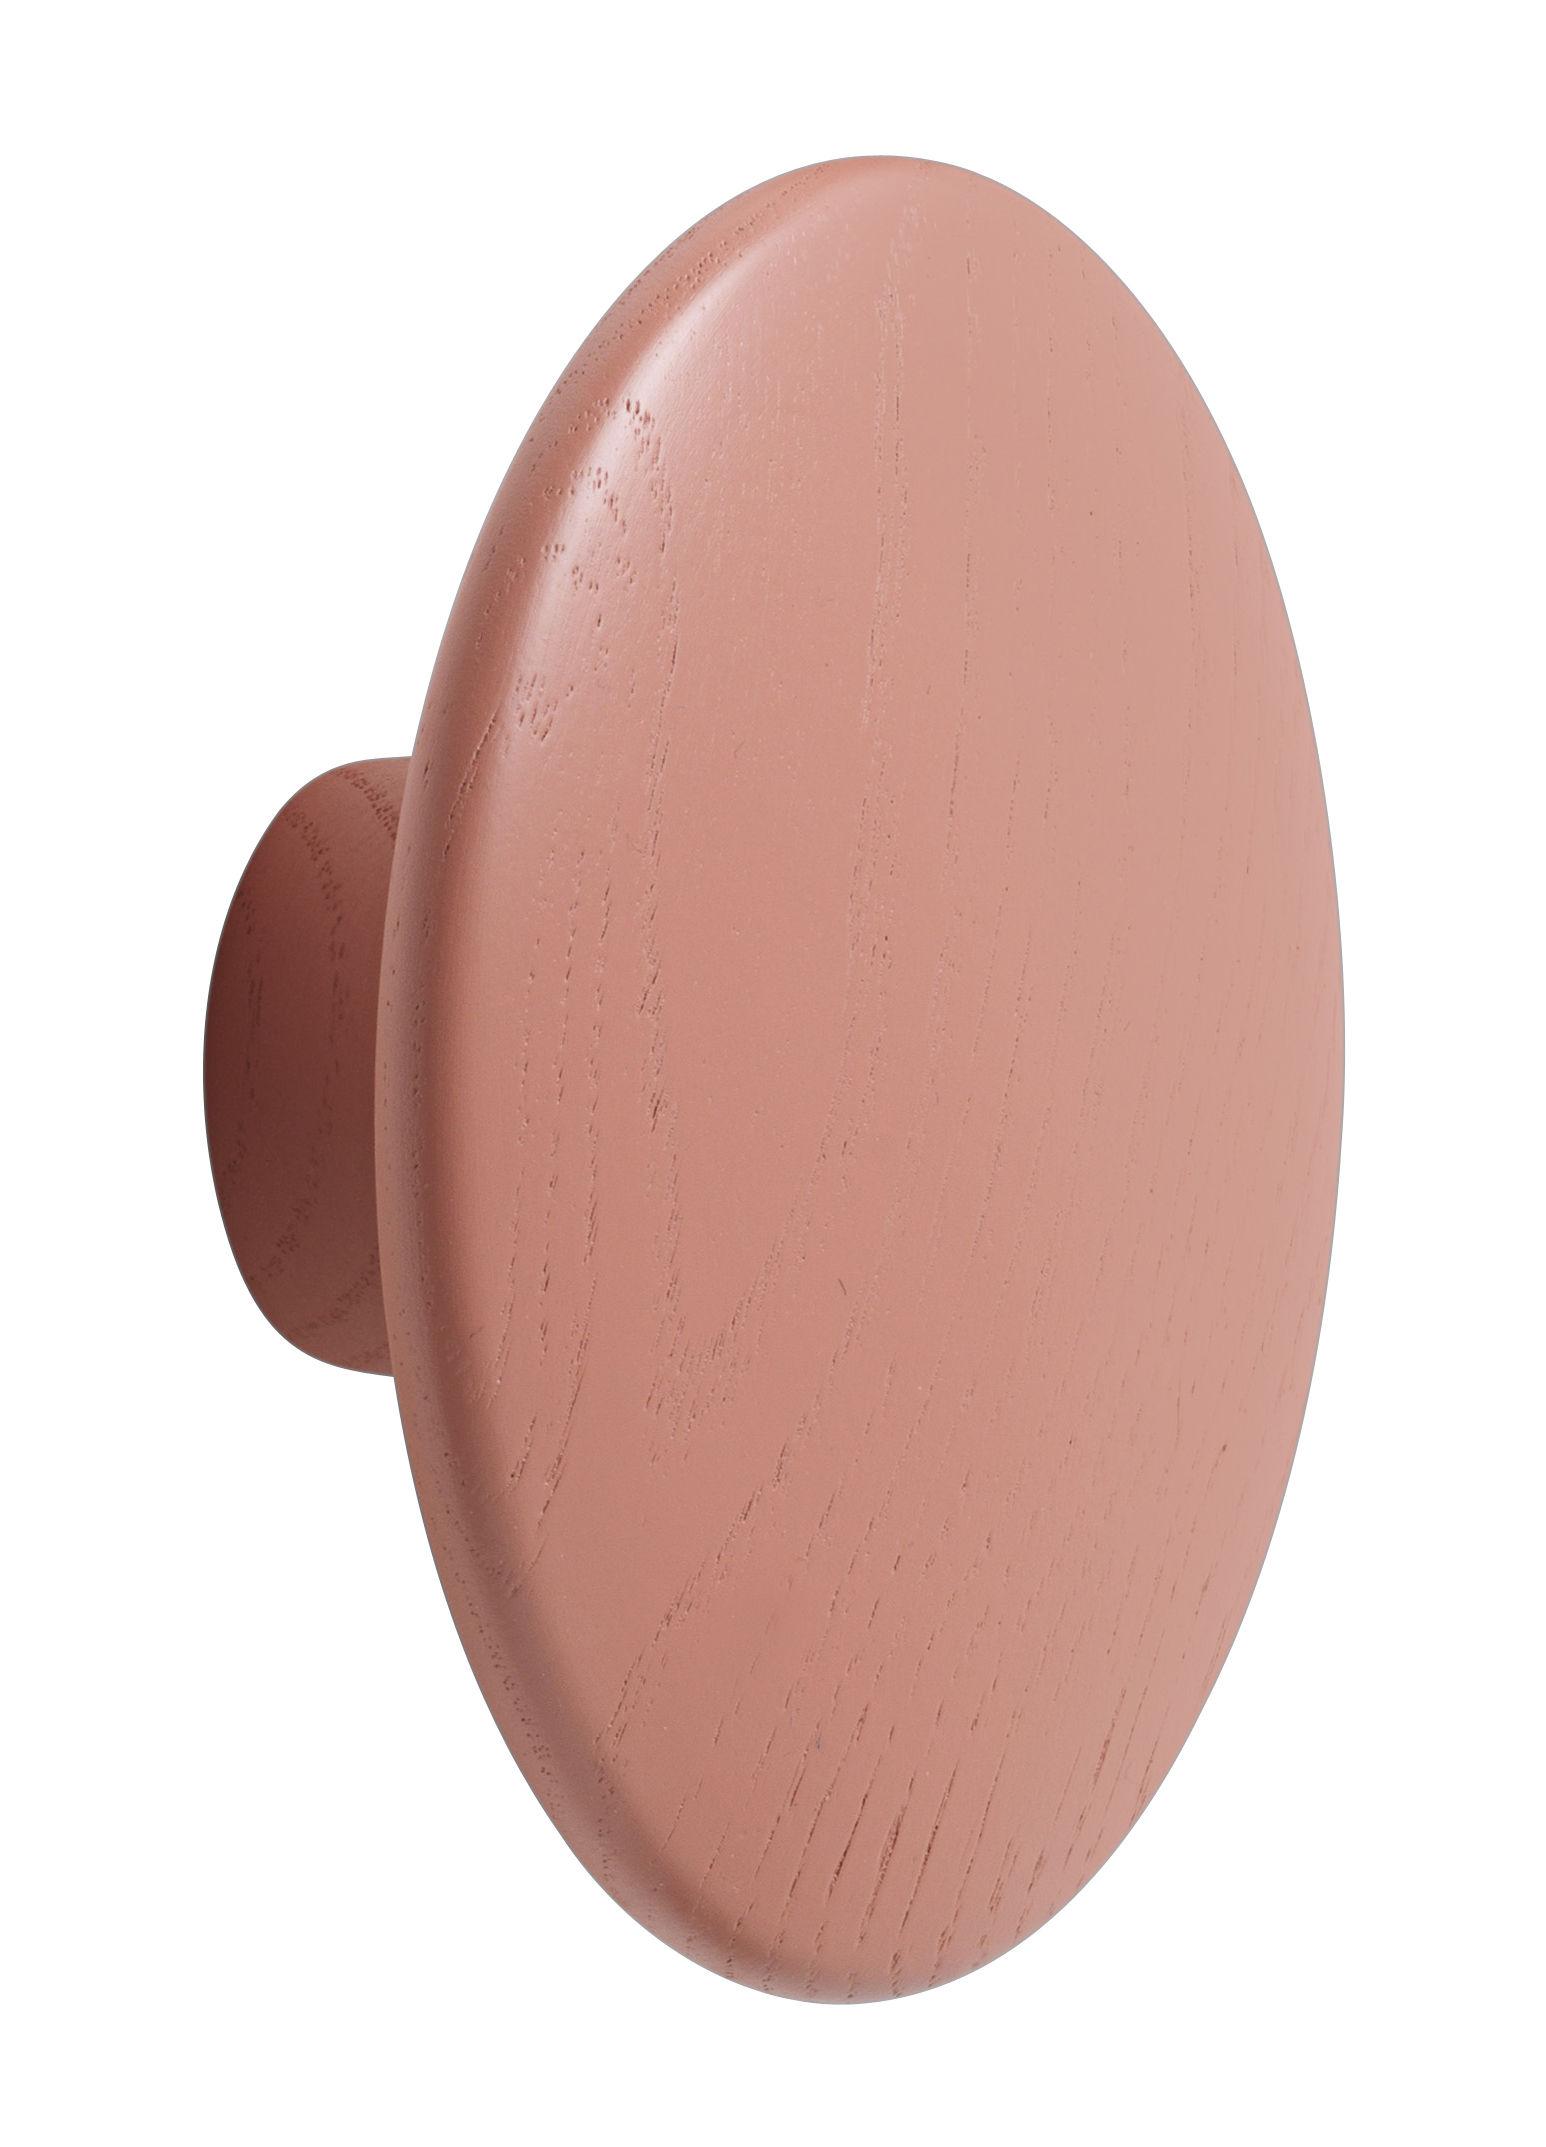 Möbel - Garderoben und Kleiderhaken - The dots Wandhaken / Medium - Ø 13 cm - Muuto - Rosa - getönte Esche